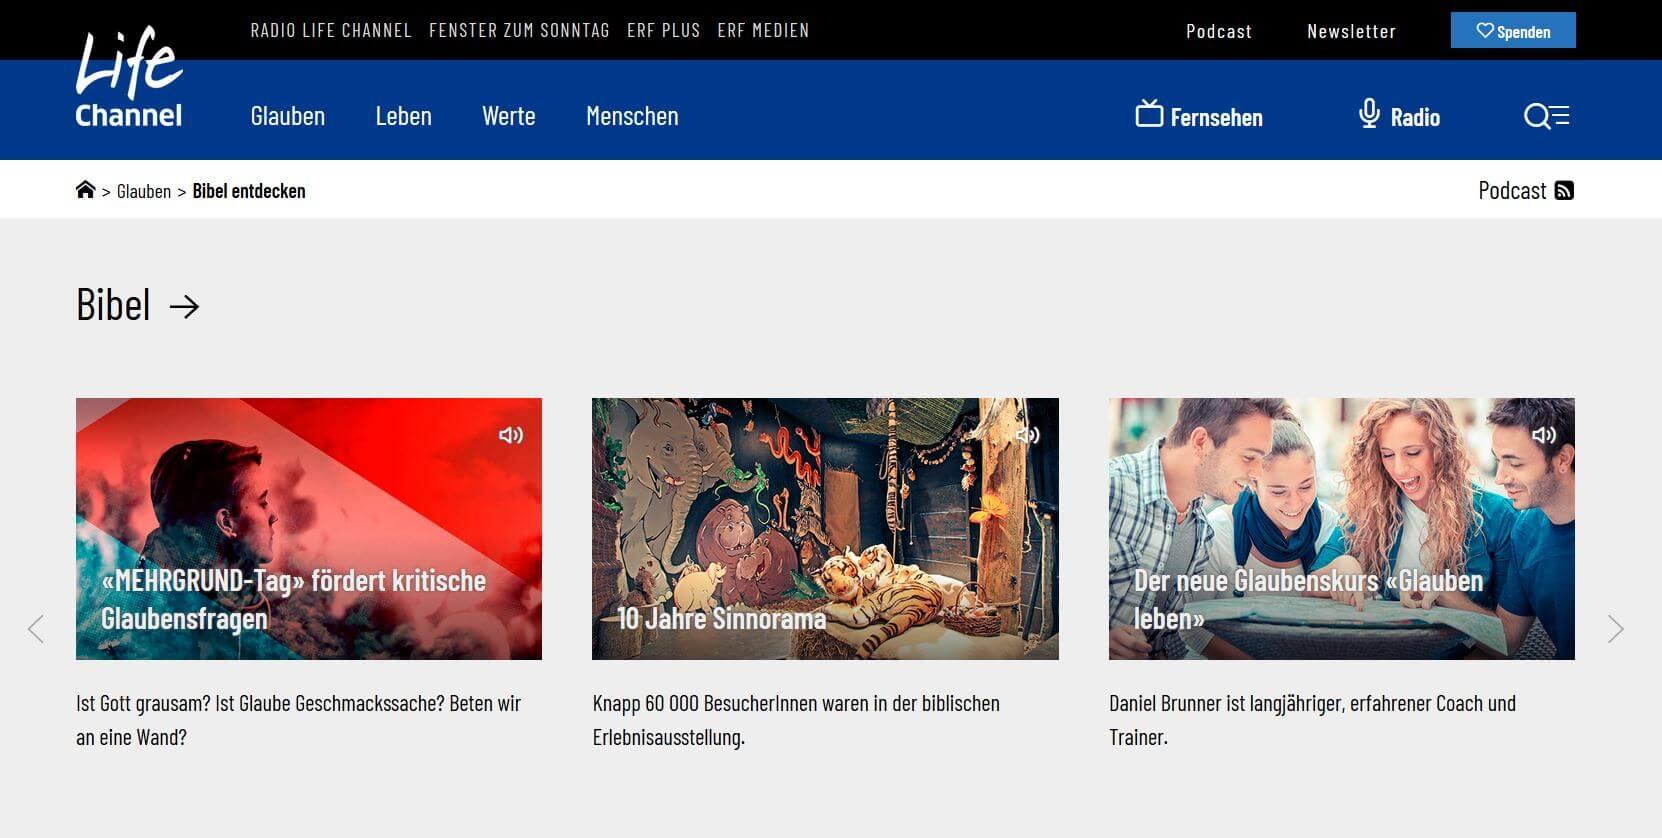 Radio Life Channel: Die Bibel lesen, entdecken und verstehen